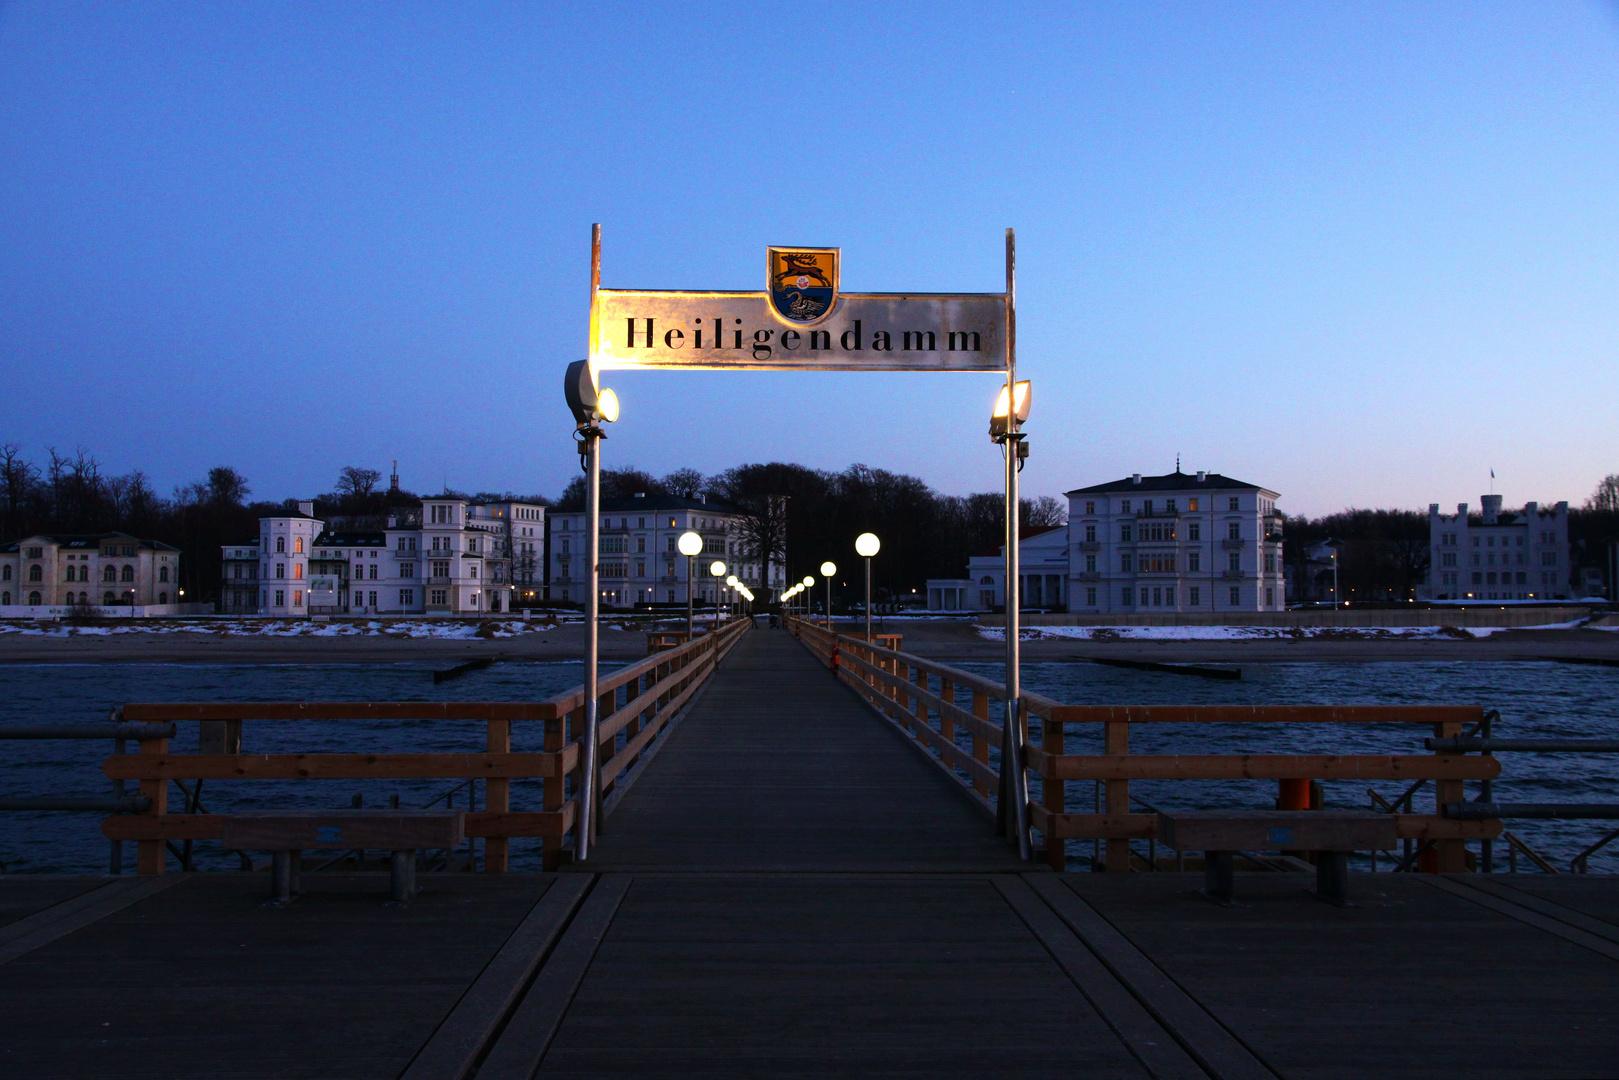 Heiligendamm - Seebrücke - Blickrichtung Ufer